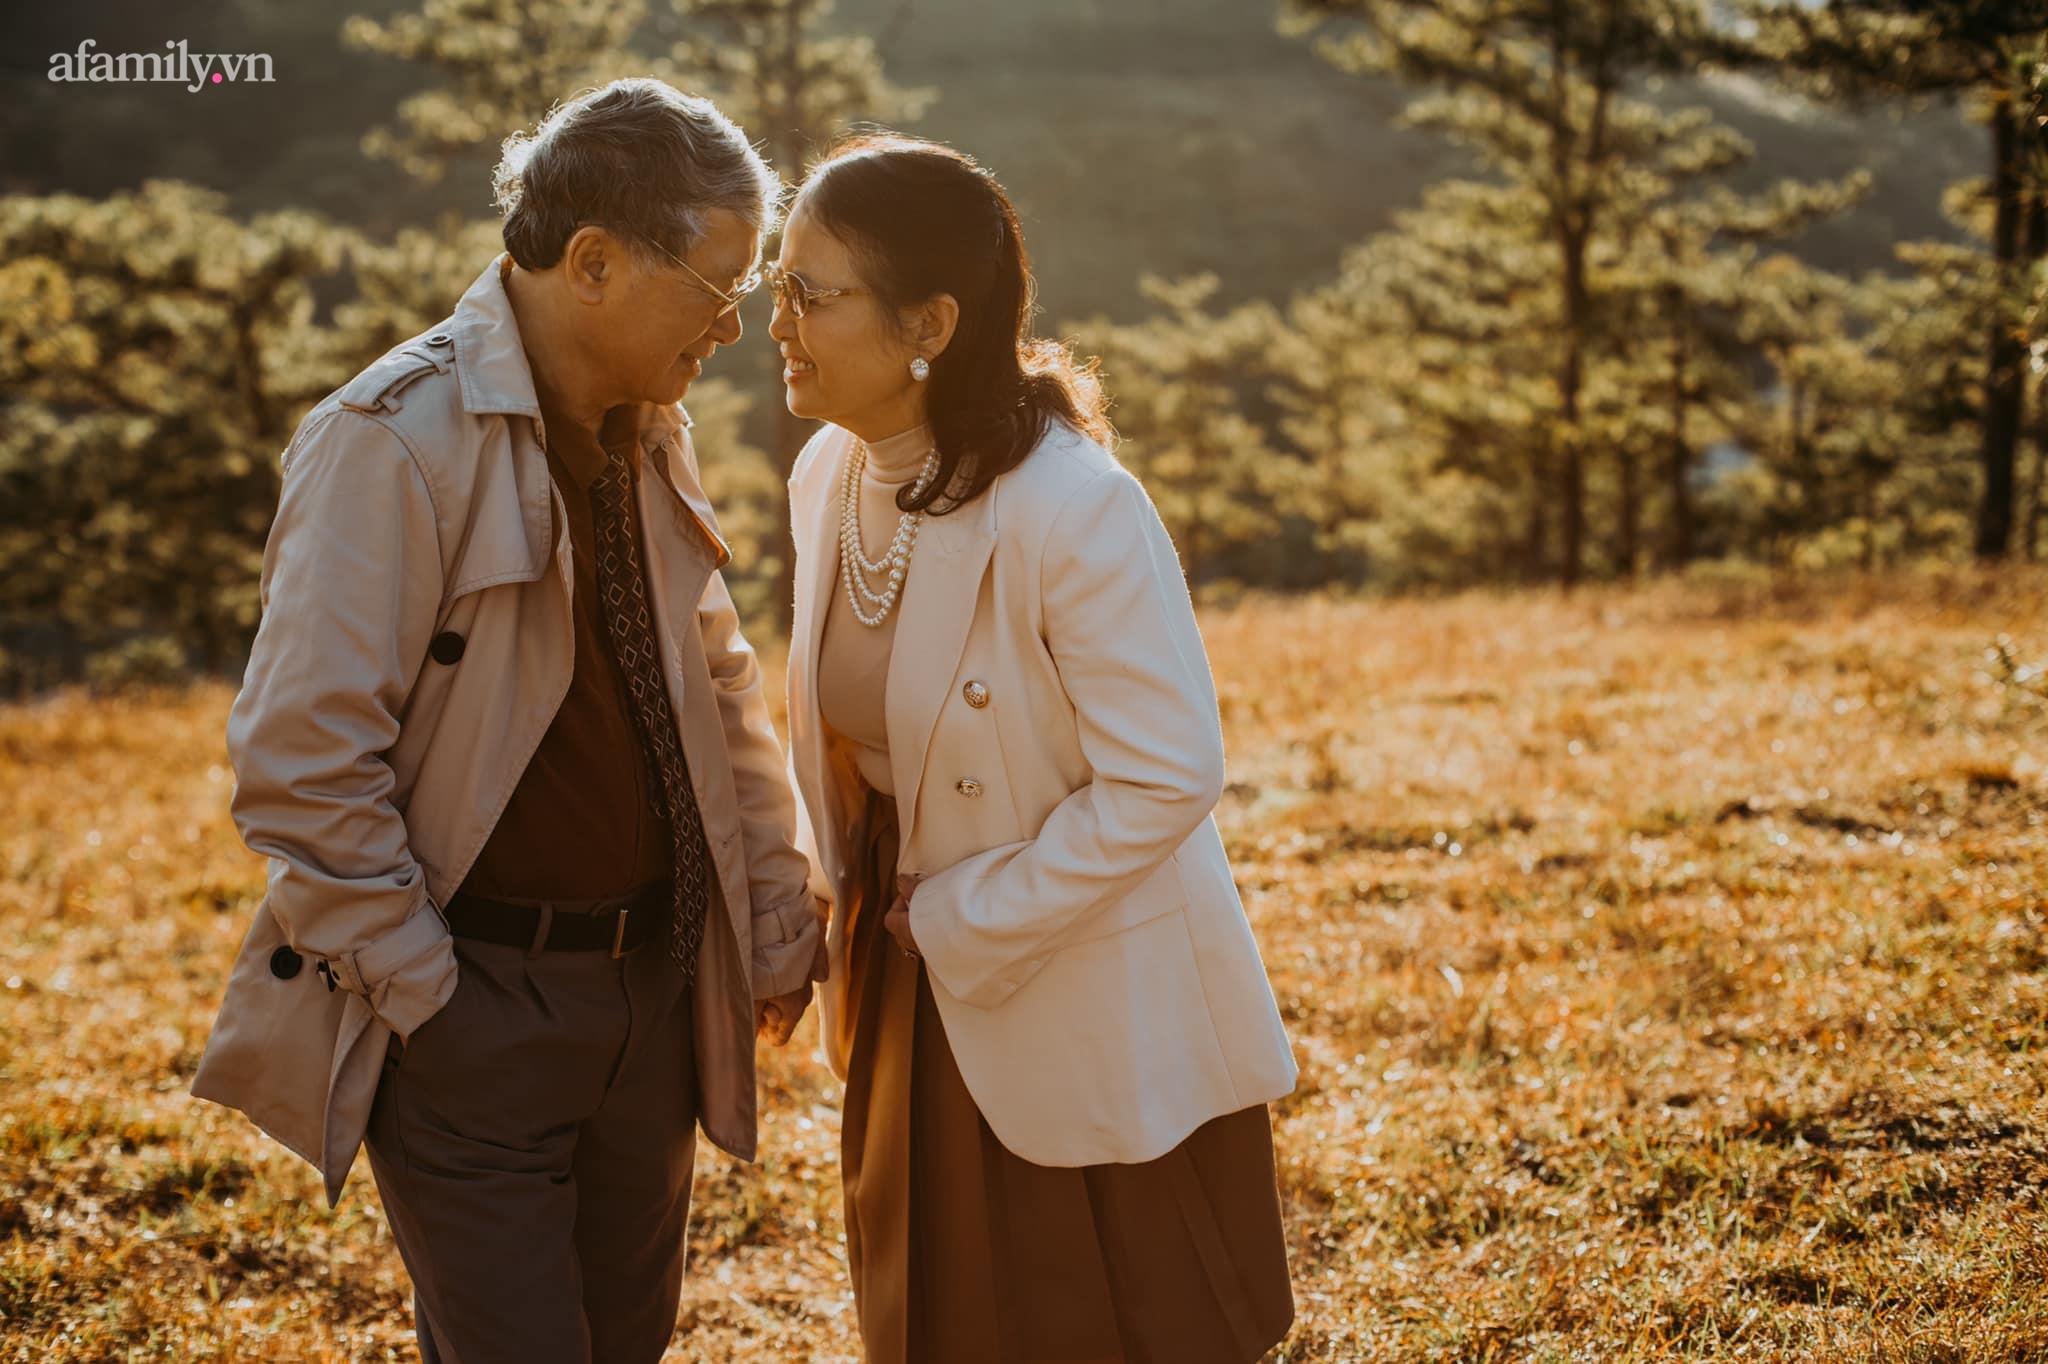 """Bộ ảnh kỉ niệm 47 năm ngày cưới càng ngắm càng thấy """"tình"""" của cặp đôi U80 tại Đà Lạt, khiến ai cũng ước ao có một tình yêu trọn đời ngát xanh - Ảnh 6."""